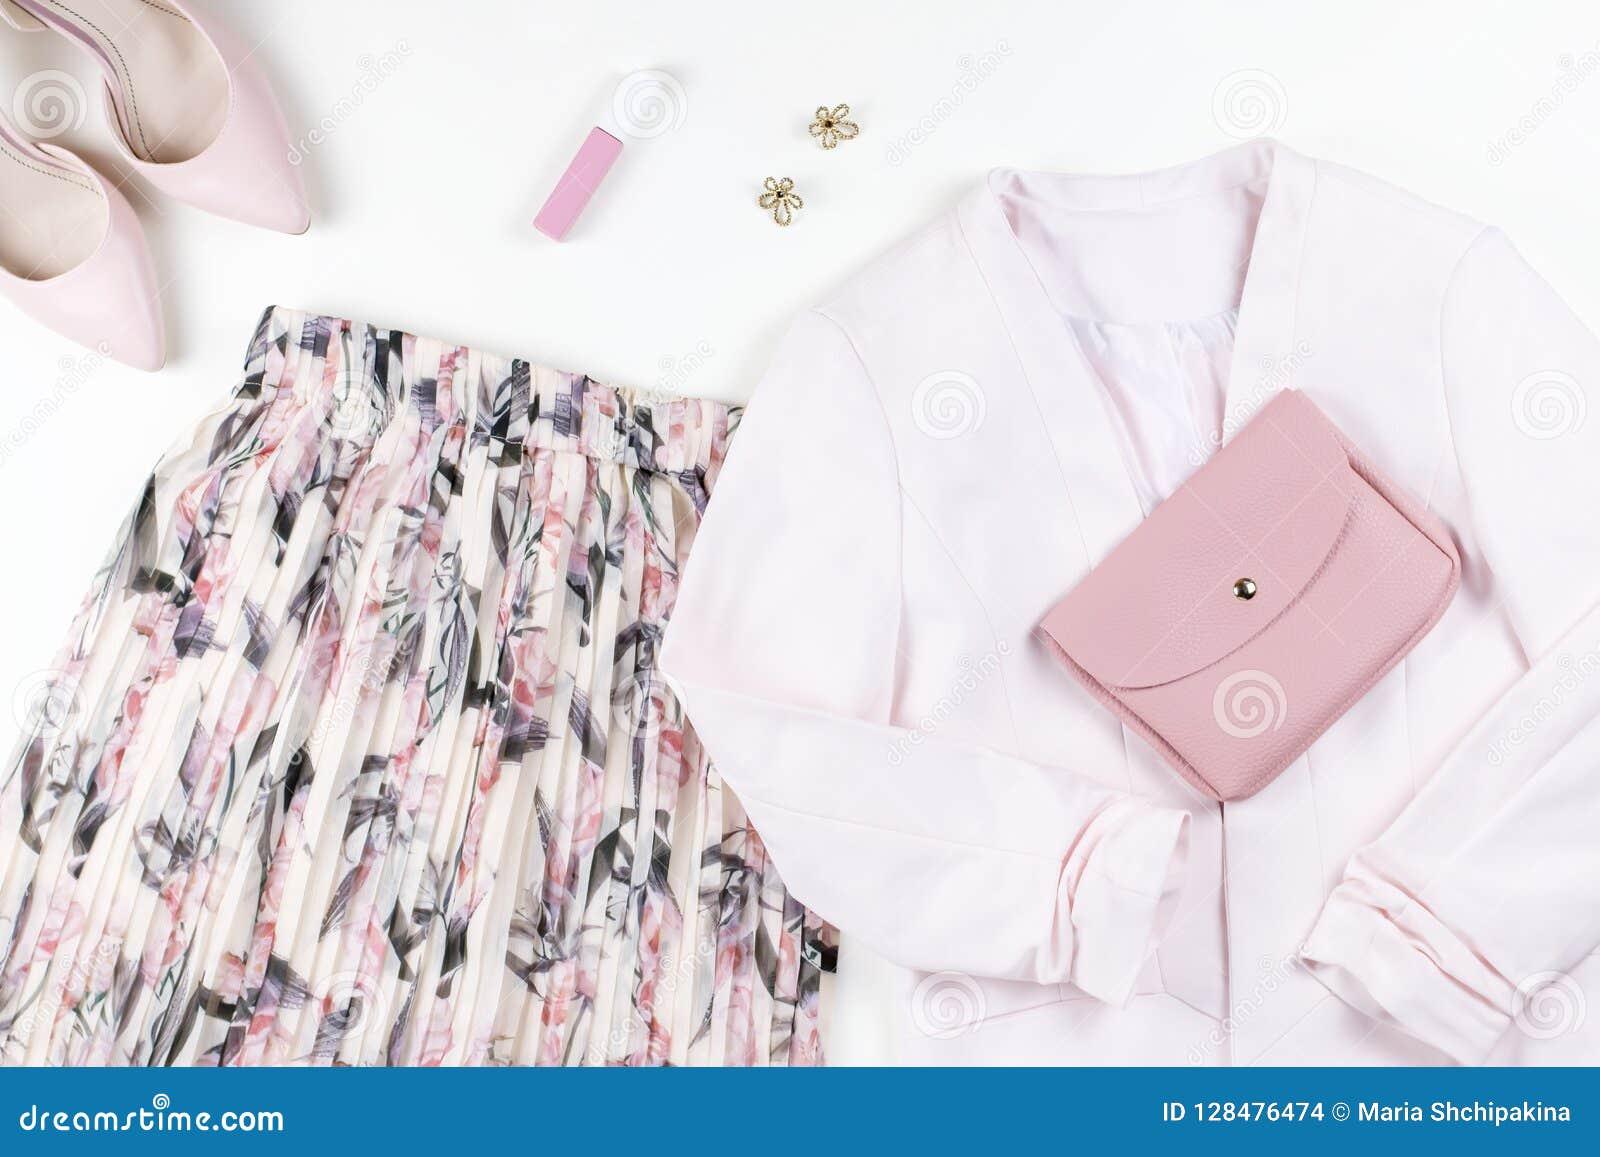 Kobieta odzieżowa i akcesoria - spódnica, kurtka, buty w pastelowych menchiach barwi